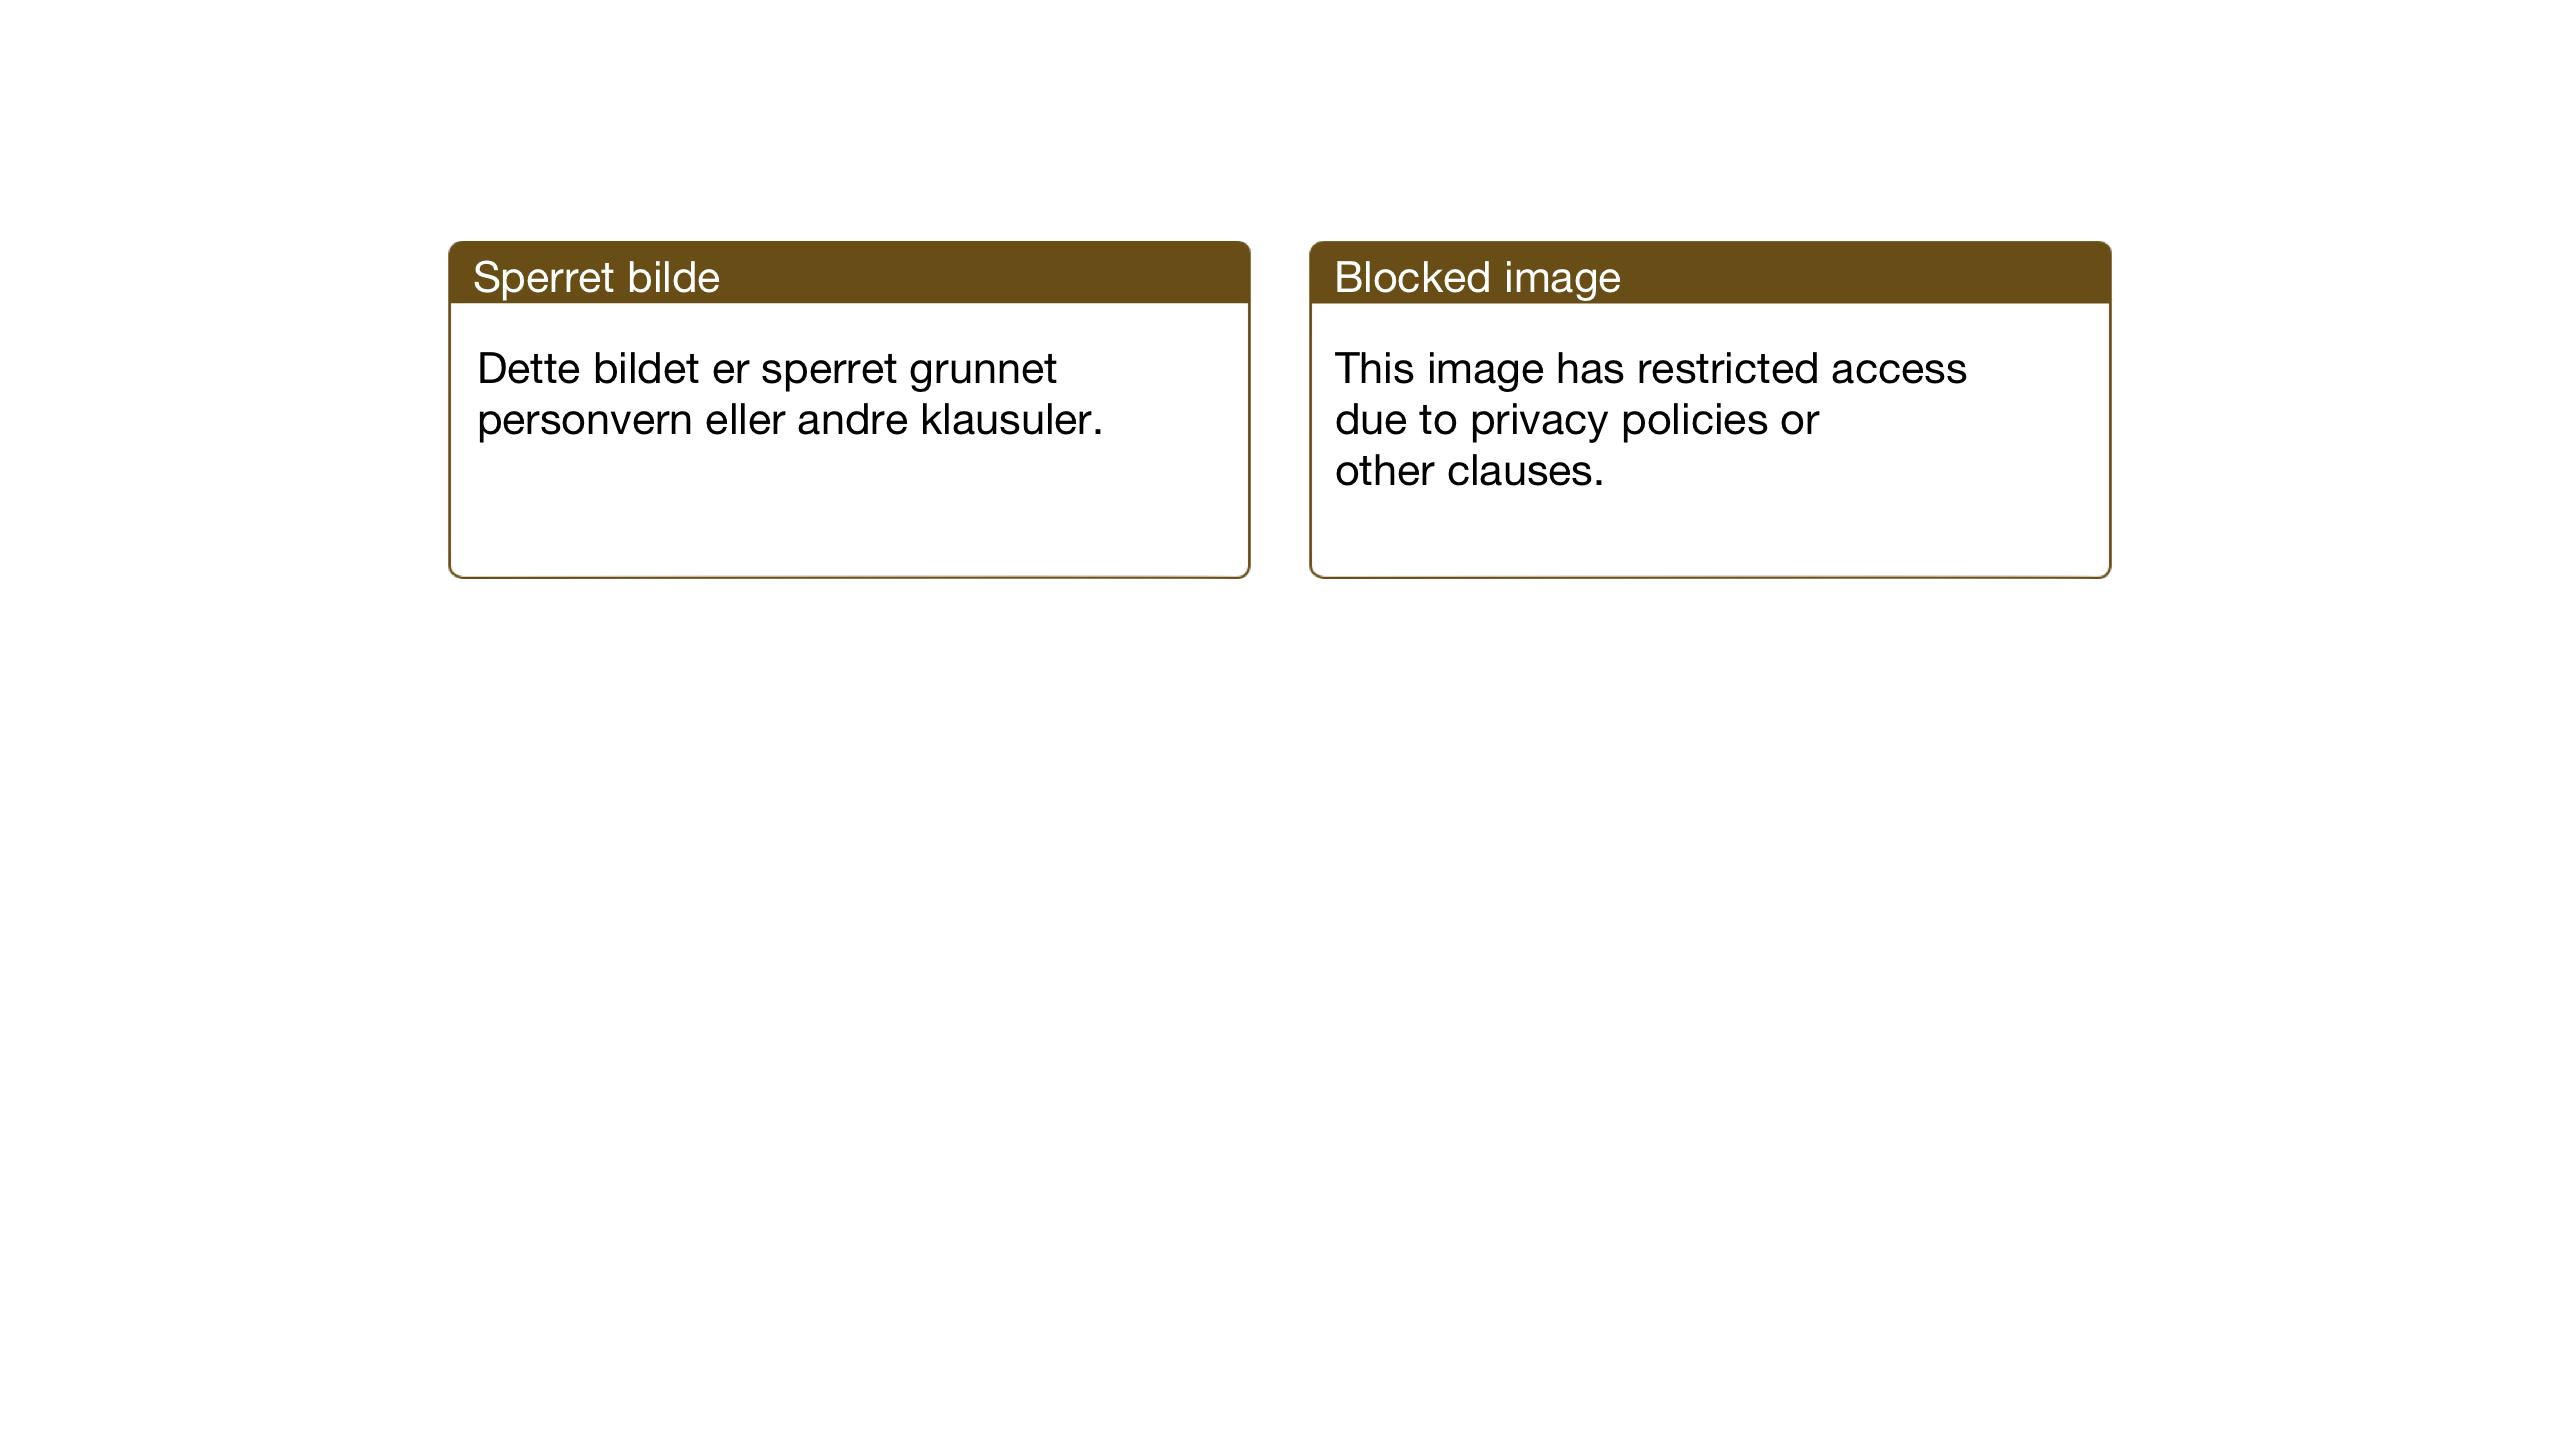 SAT, Ministerialprotokoller, klokkerbøker og fødselsregistre - Nord-Trøndelag, 740/L0384: Klokkerbok nr. 740C05, 1939-1946, s. 50